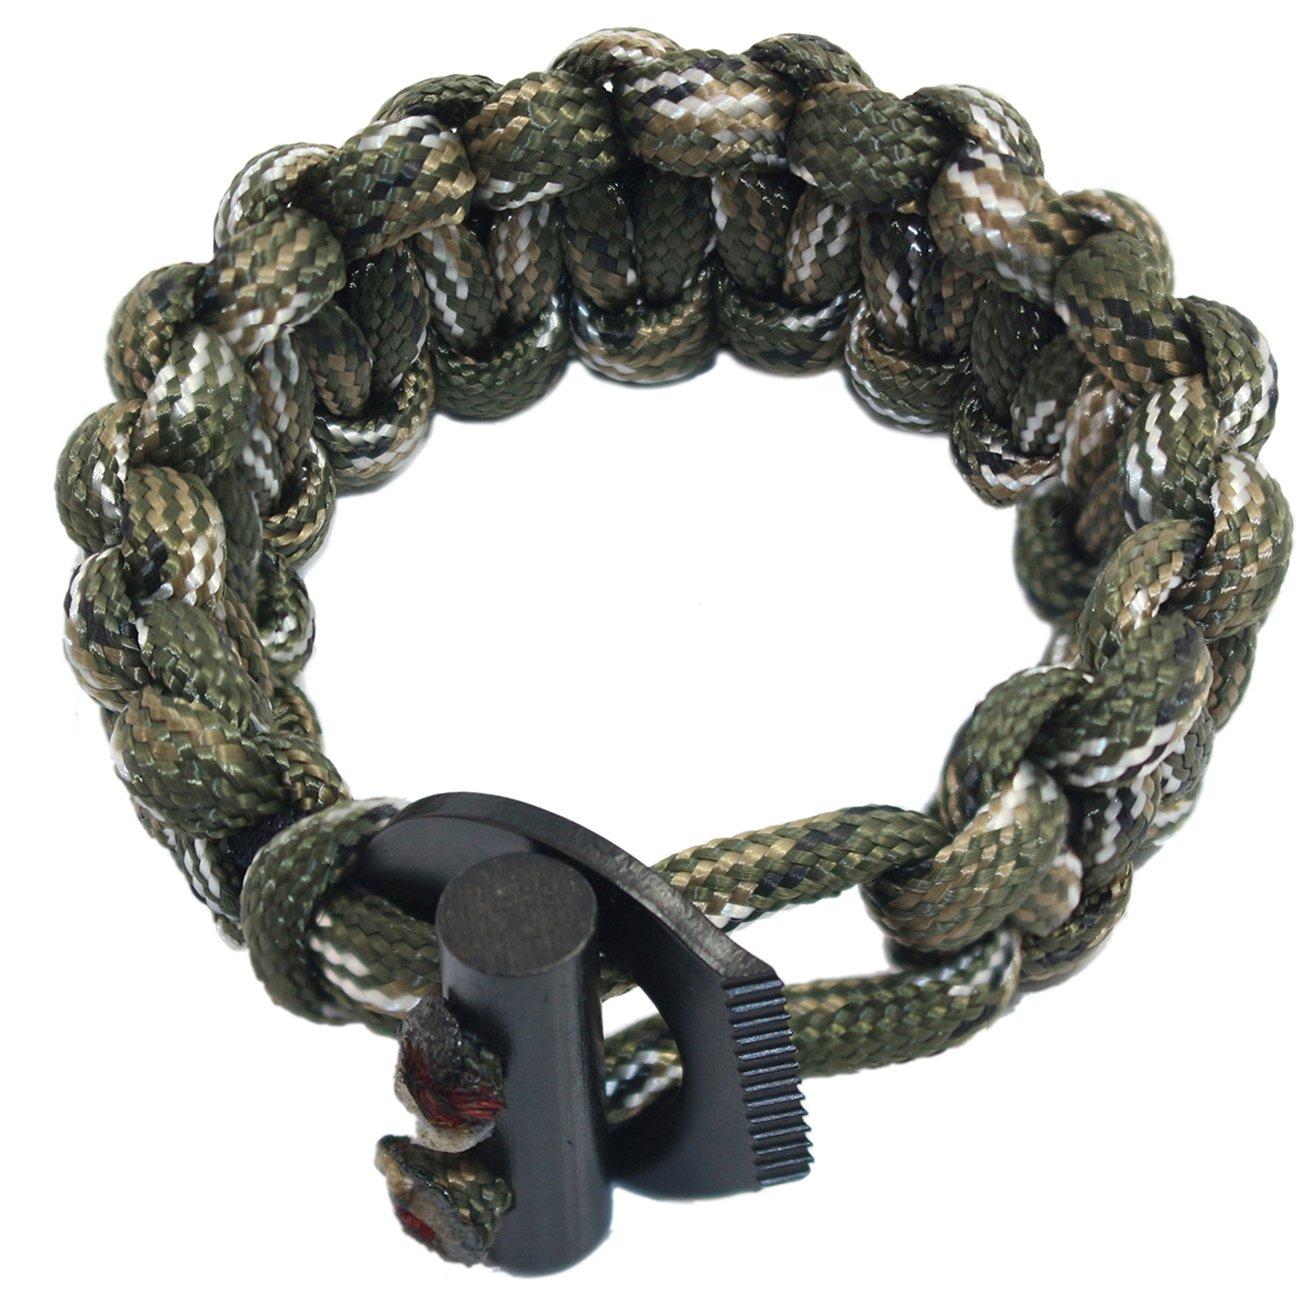 PSKOOK Einstellbare Survival Paracord Bungee Schnur elastisches Seil Armband mit Ferro Rod Scraper Tactical EDC Armband